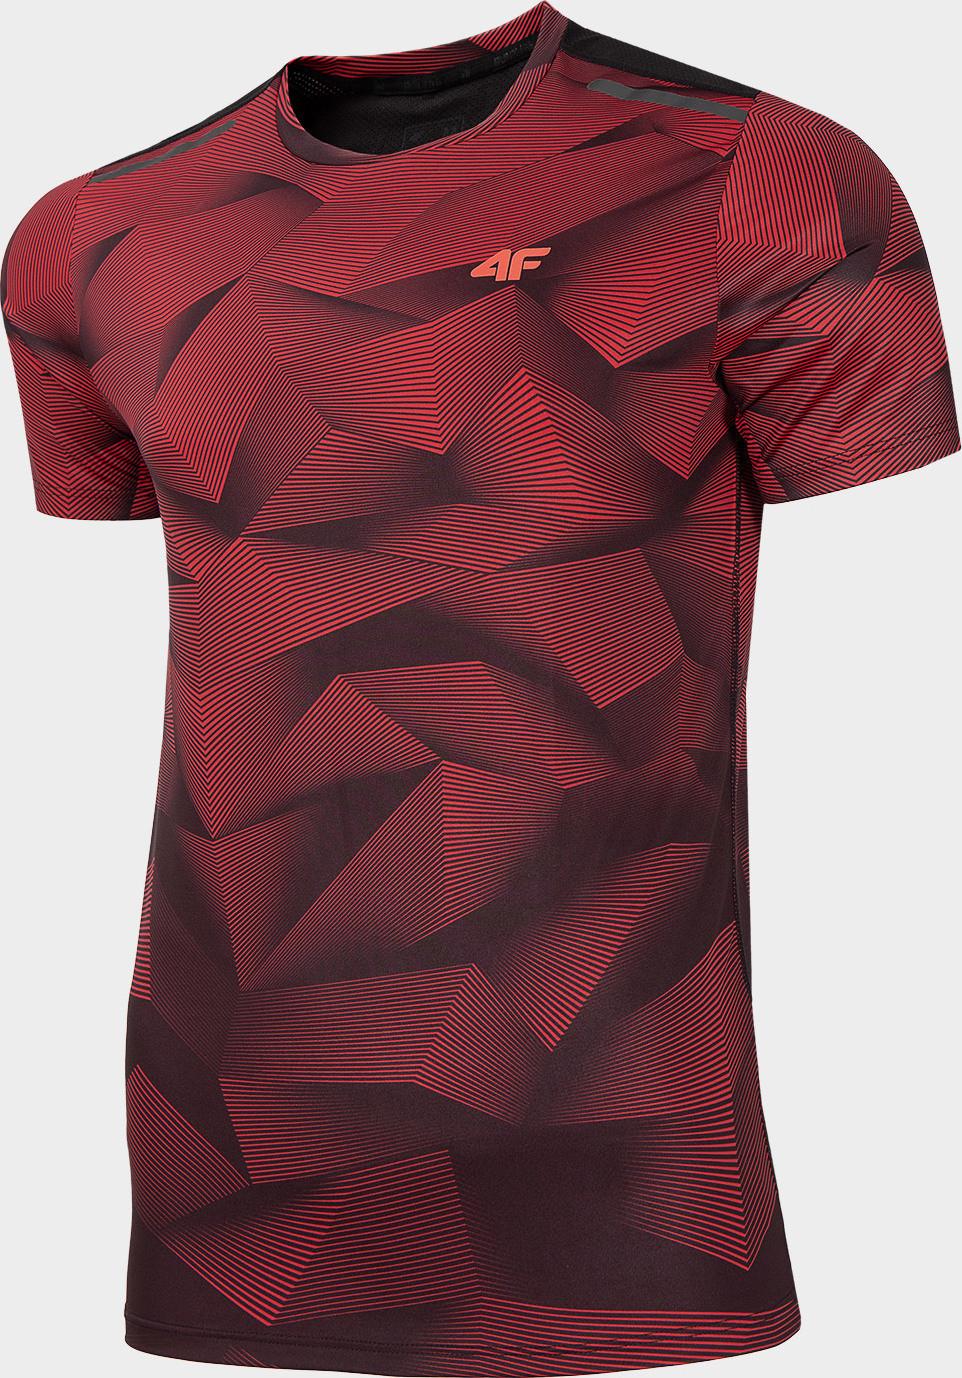 Pánske funkčné tričko 4F TSMF274 Červené červená S